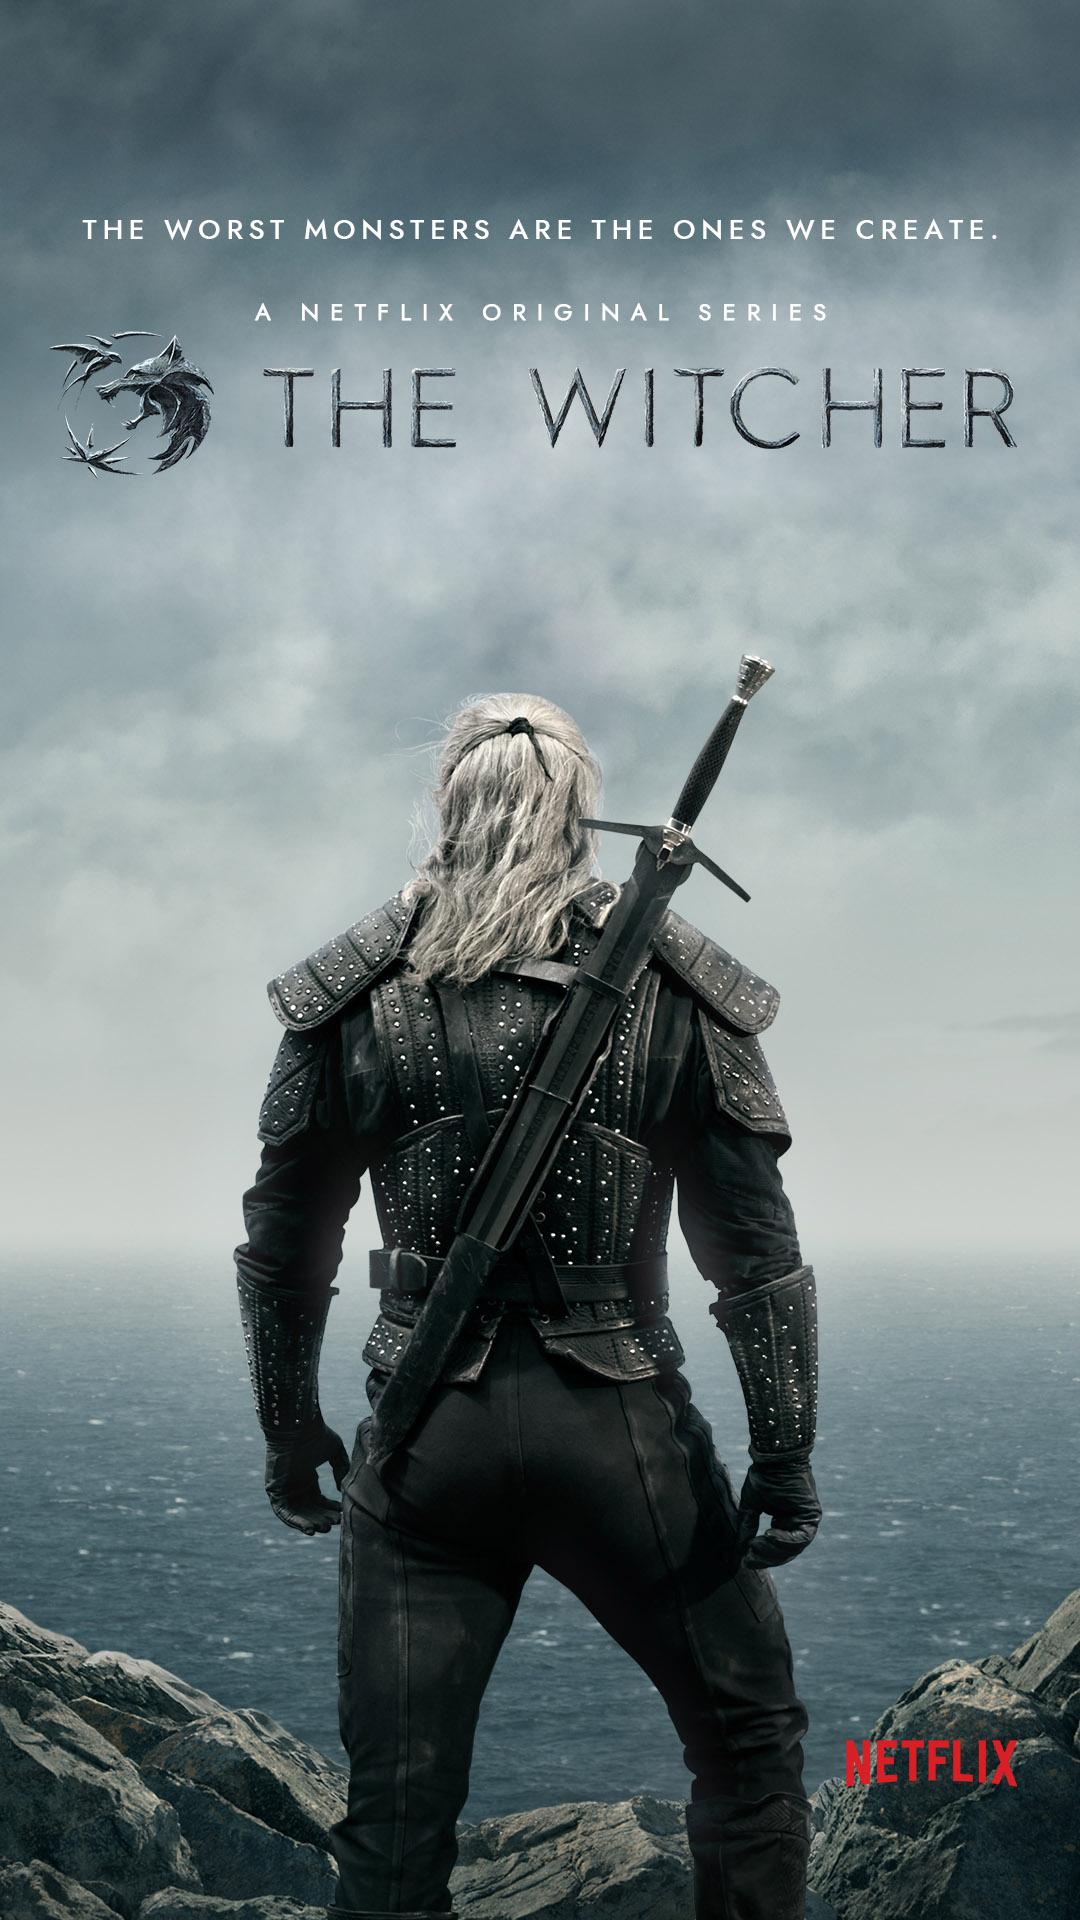 'The Witcher' teaser poster. [Netflix]